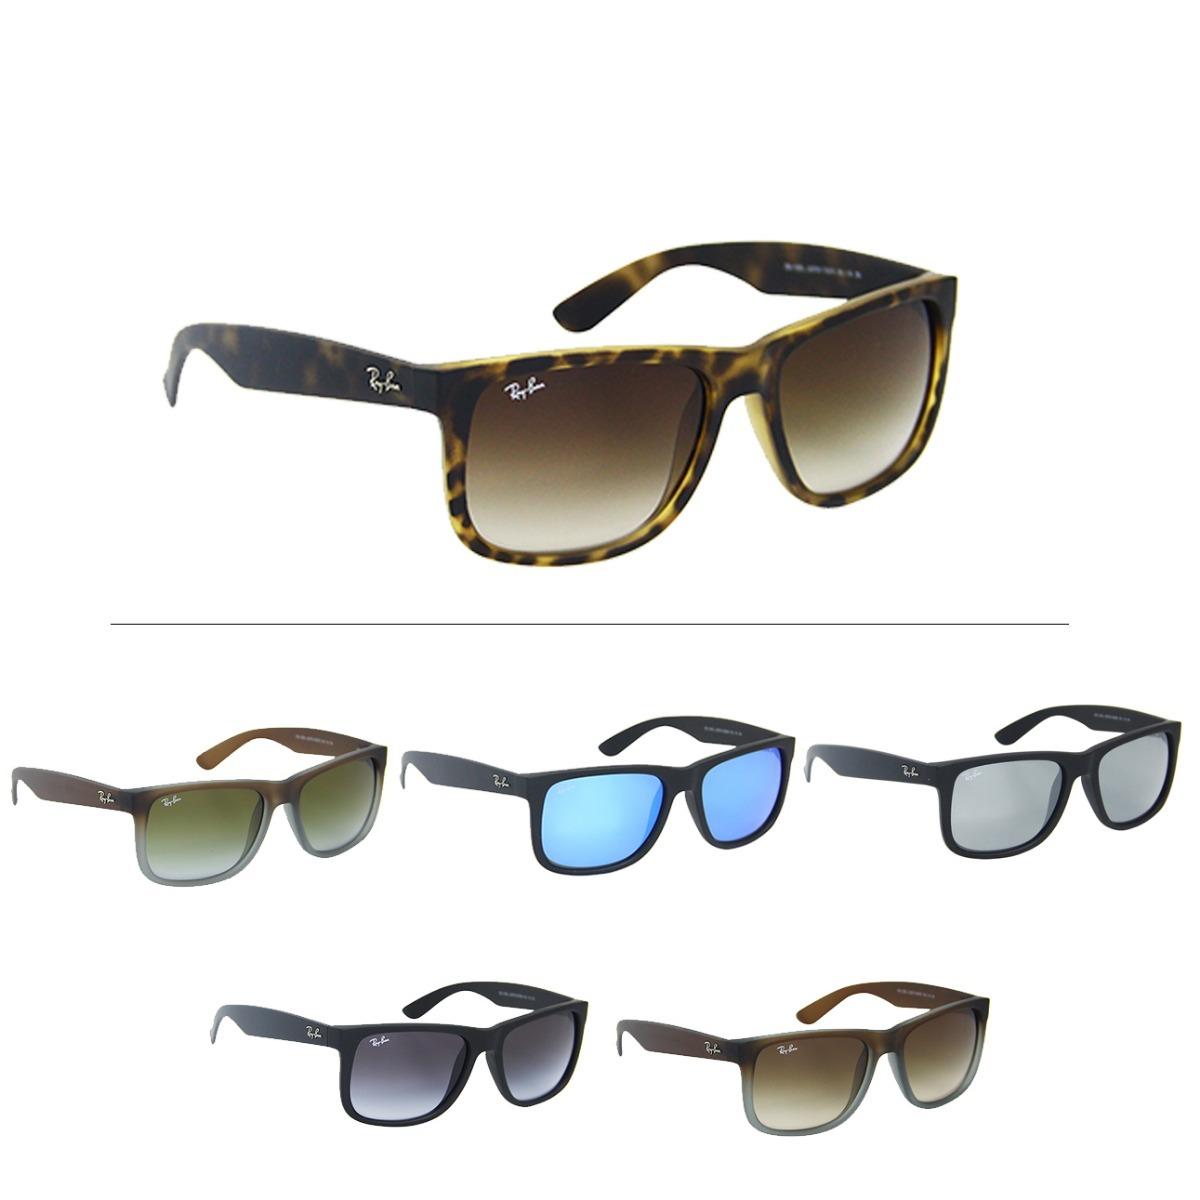 Óculos De Sol Masculino Ray Ban Rb 4165 Original - R  439,00 em ... f8f1d8ccd1